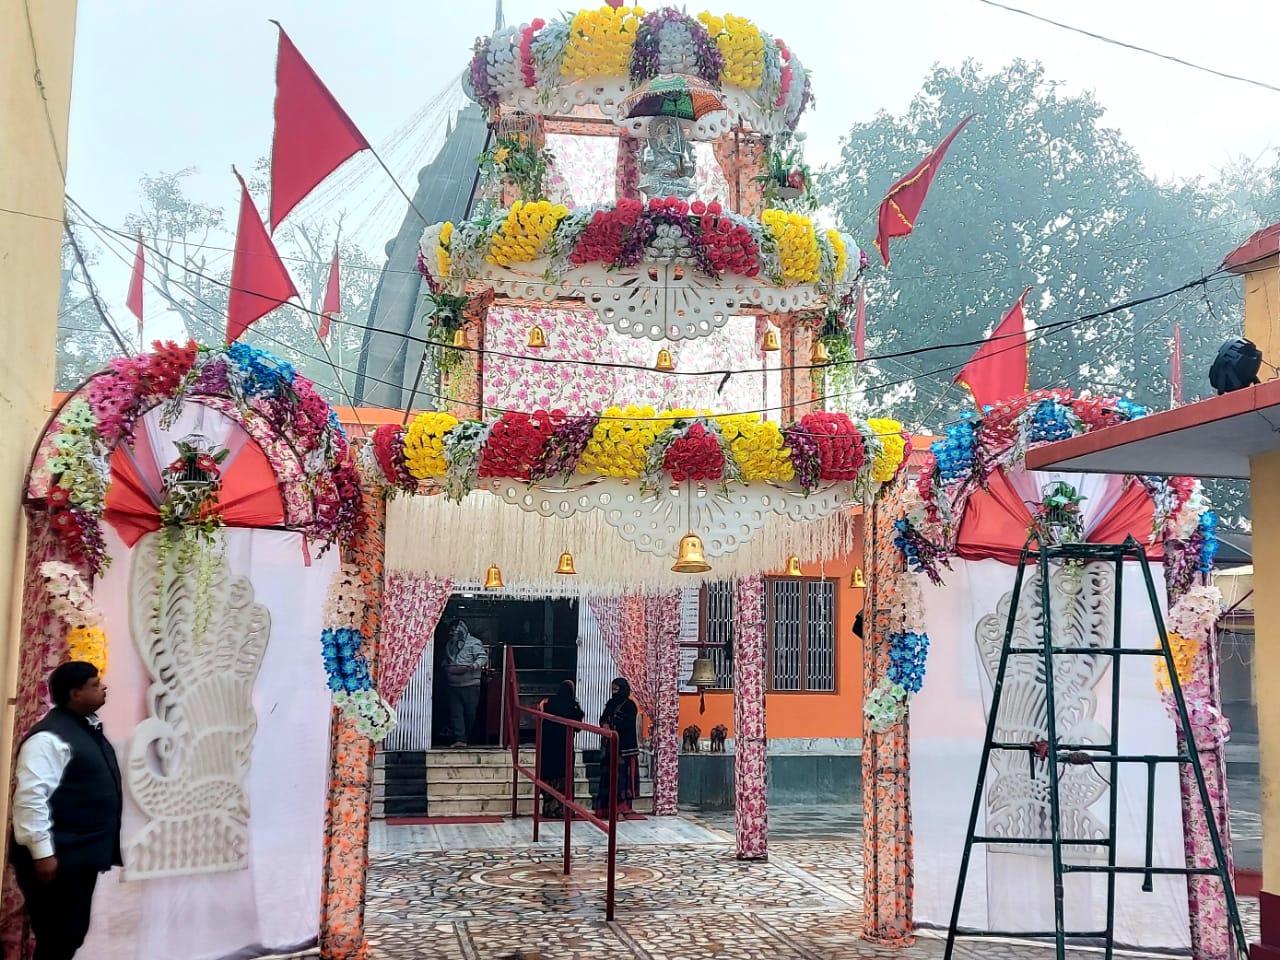 नौतनवा:माँ बनैलिया की शोभायात्रा व जागरण को लेकर भक्तो में उत्साह